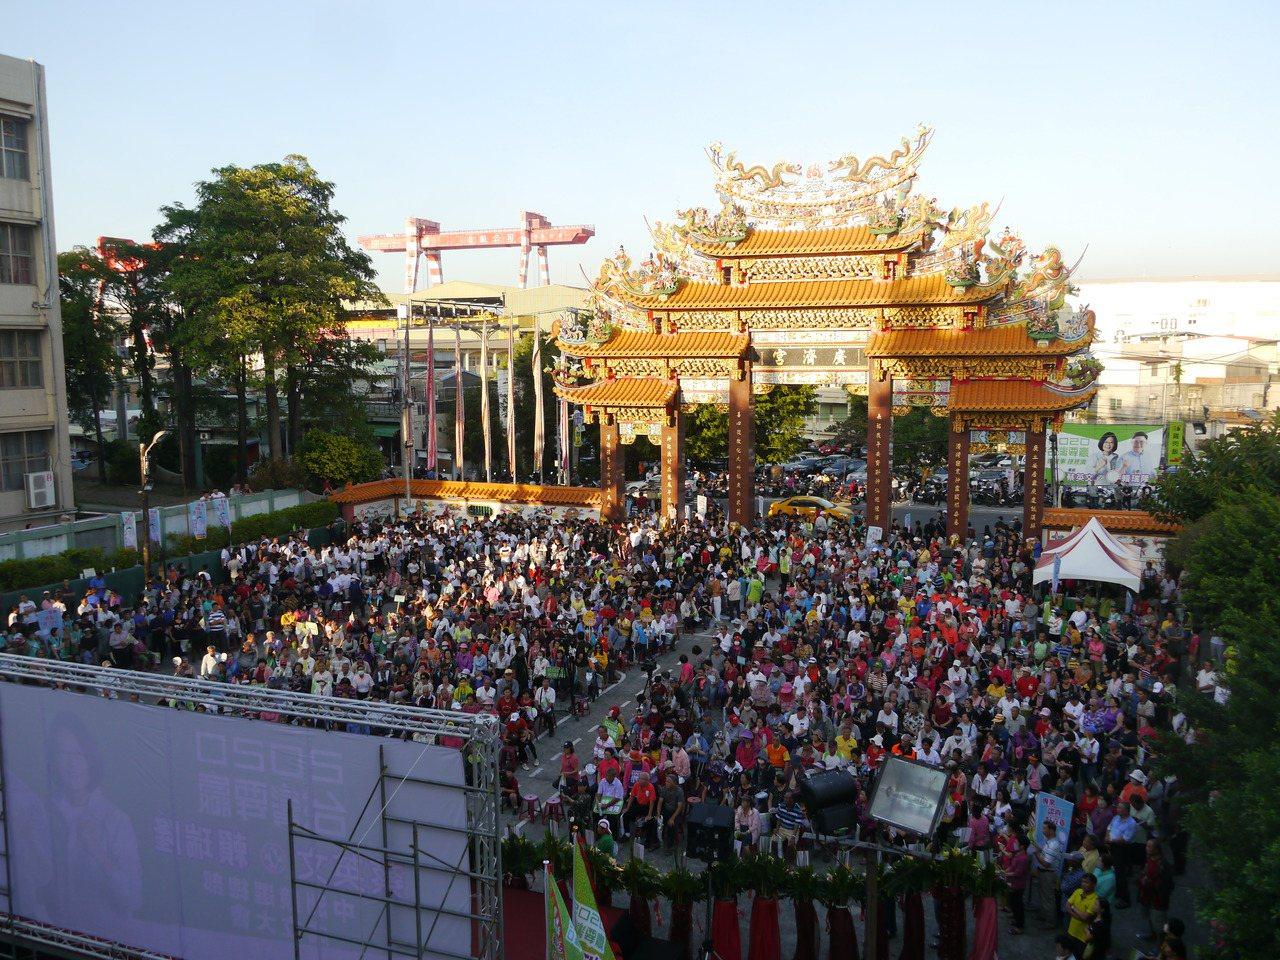 高市立委參選人賴瑞隆舉辦旗津中洲競選總部成立大會,場面熱鬧。記者徐白櫻/攝影